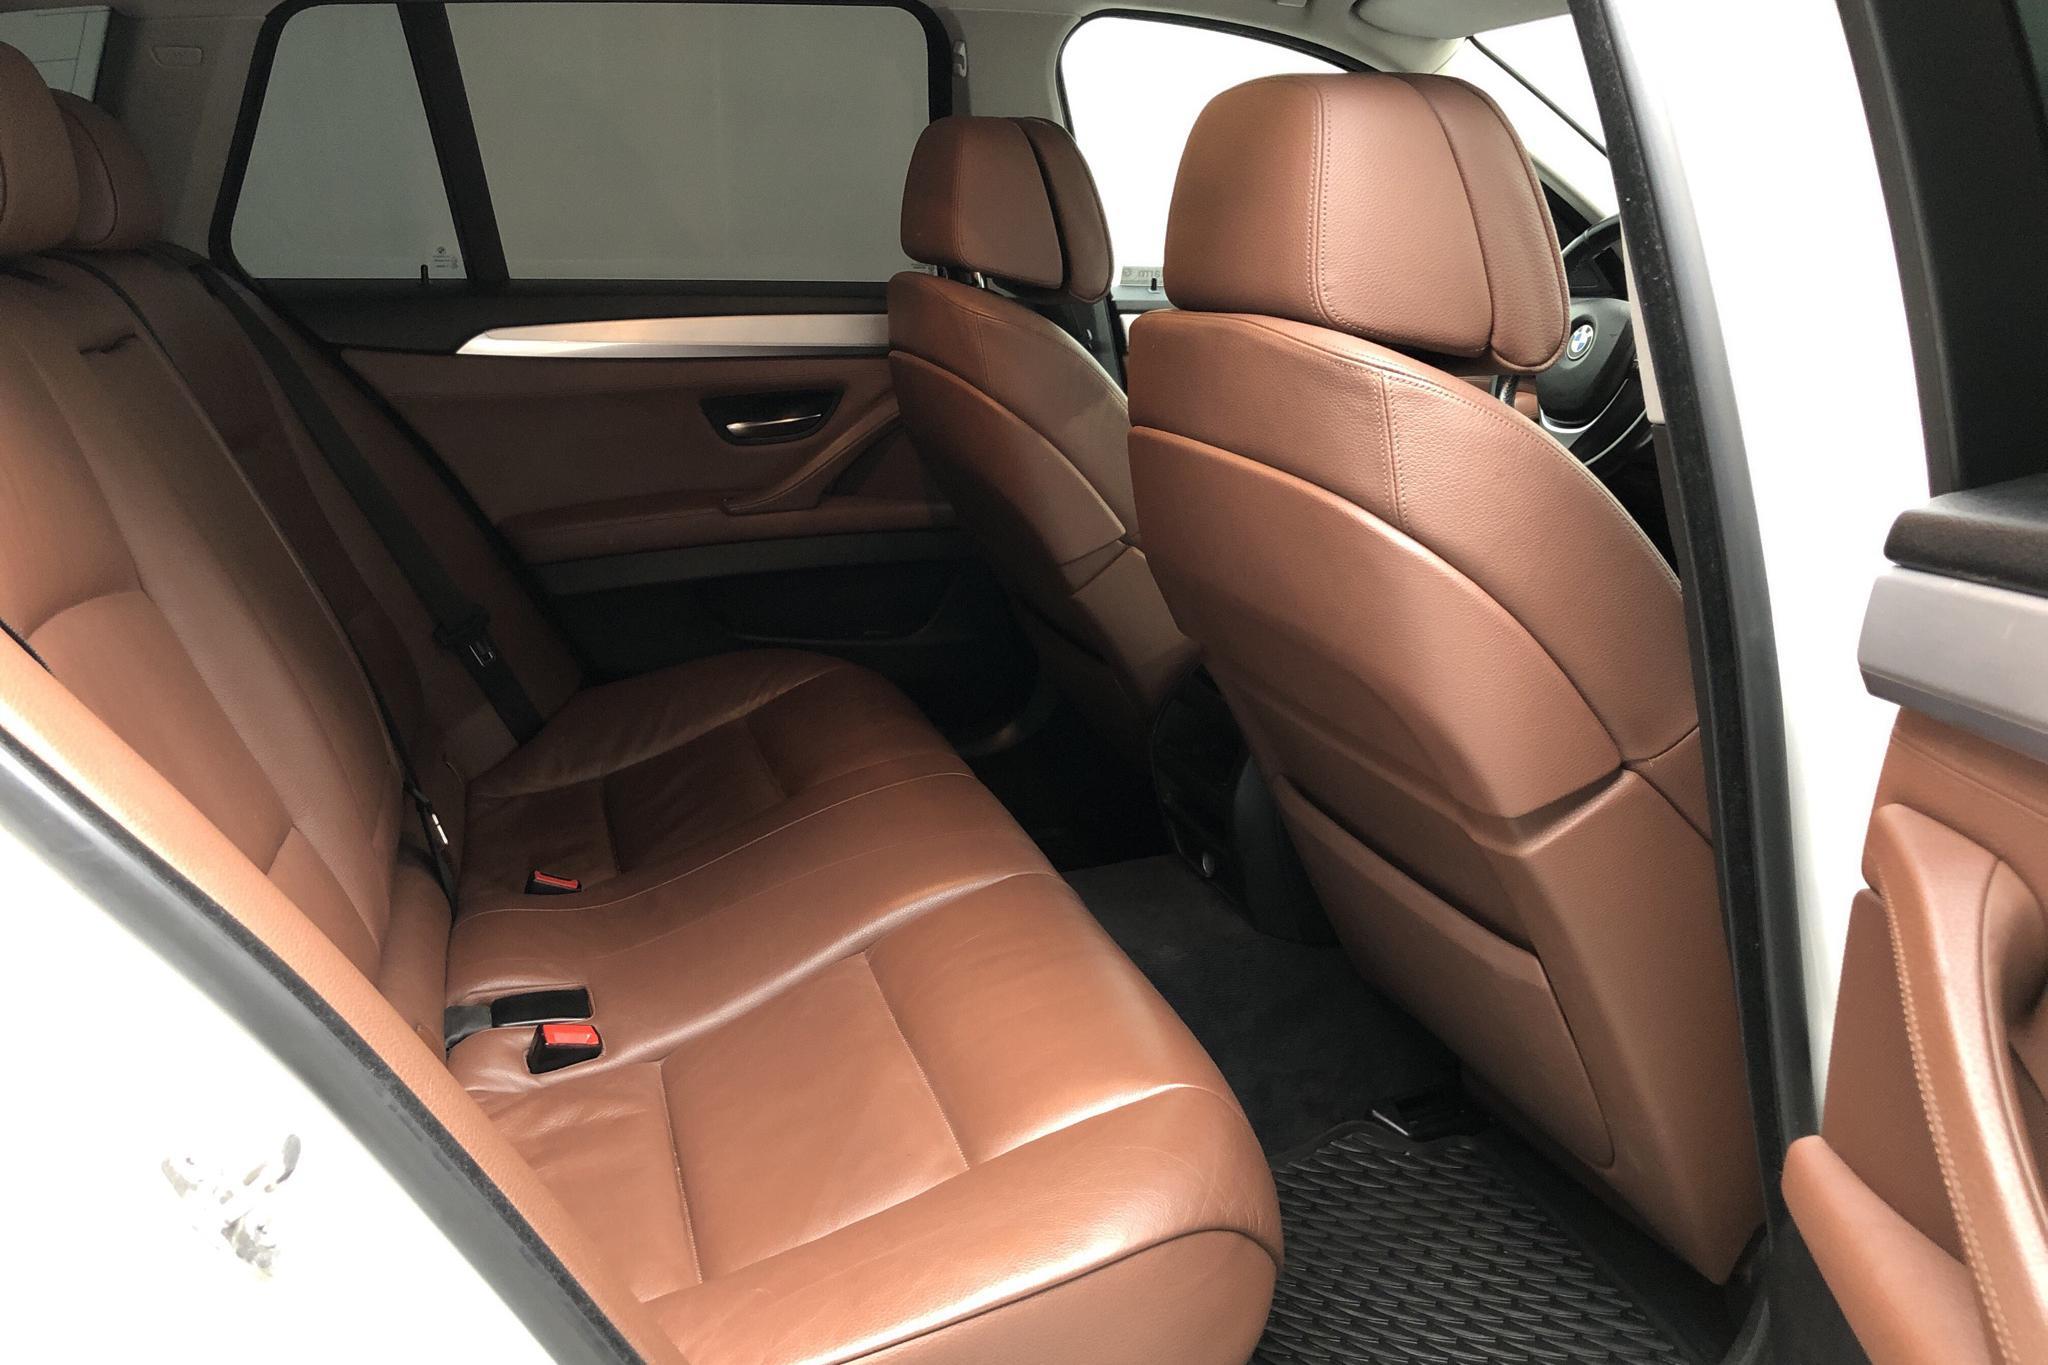 BMW 525d xDrive Touring, F11 (218hk) - 210 940 km - Automatic - white - 2013